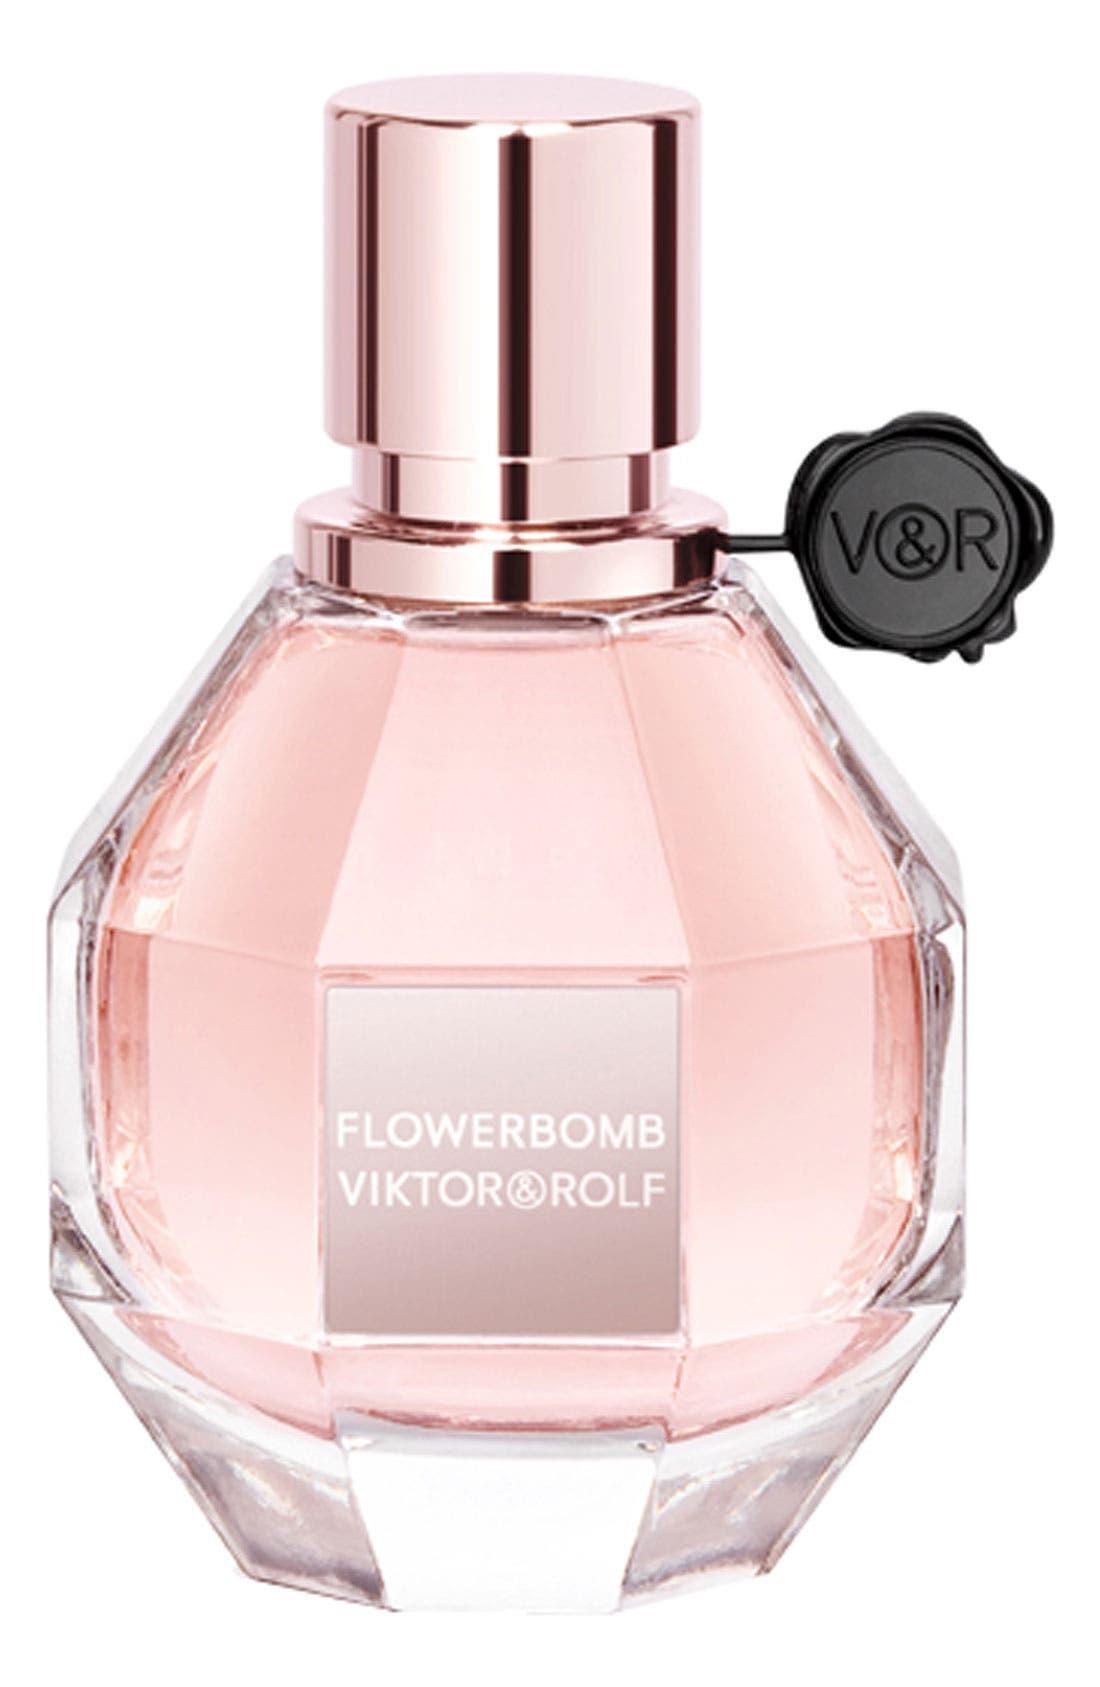 VIKTOR&ROLF Flowerbomb Eau de Parfum Spray, Main, color, NO COLOR